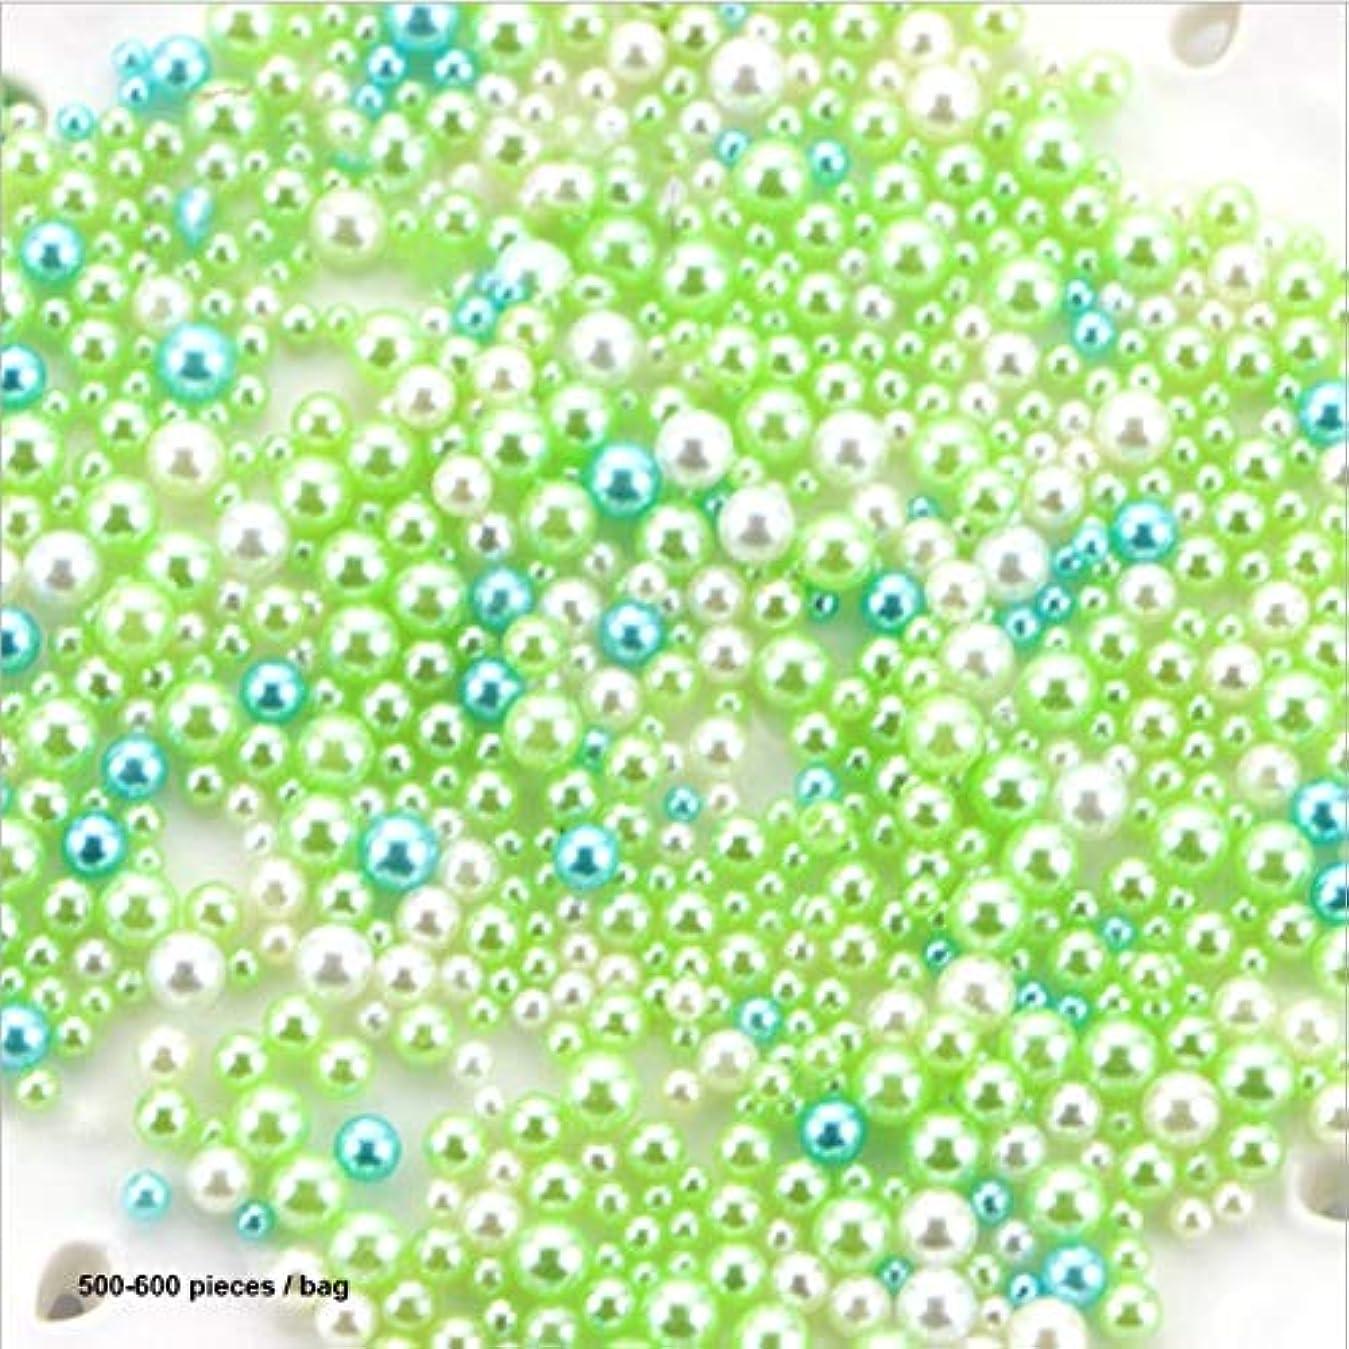 説明する面白い永遠にレジンイミテーションパールDIY粒子アクセサリースライムボールDIY用品用フロームフィラー用小型タイニーフォームビーズ-グリーン